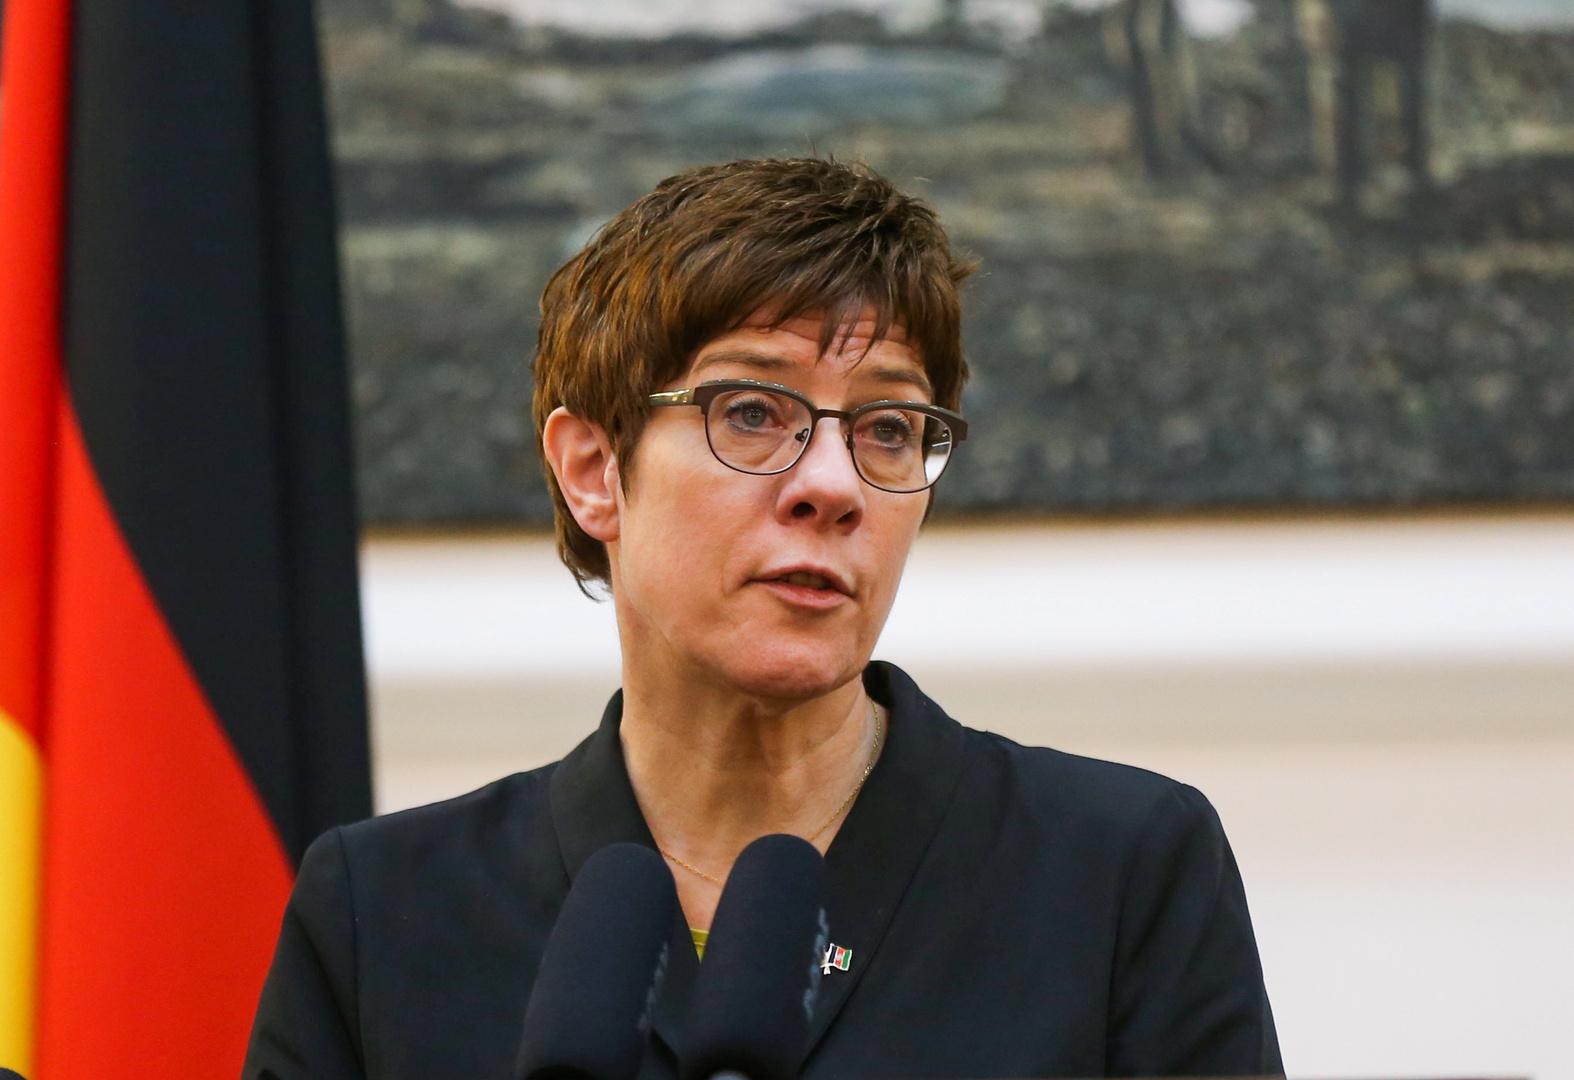 برلين تؤكد أن واشنطن هددت بزيادة الرسوم على صادرات السيارات الأوروبية